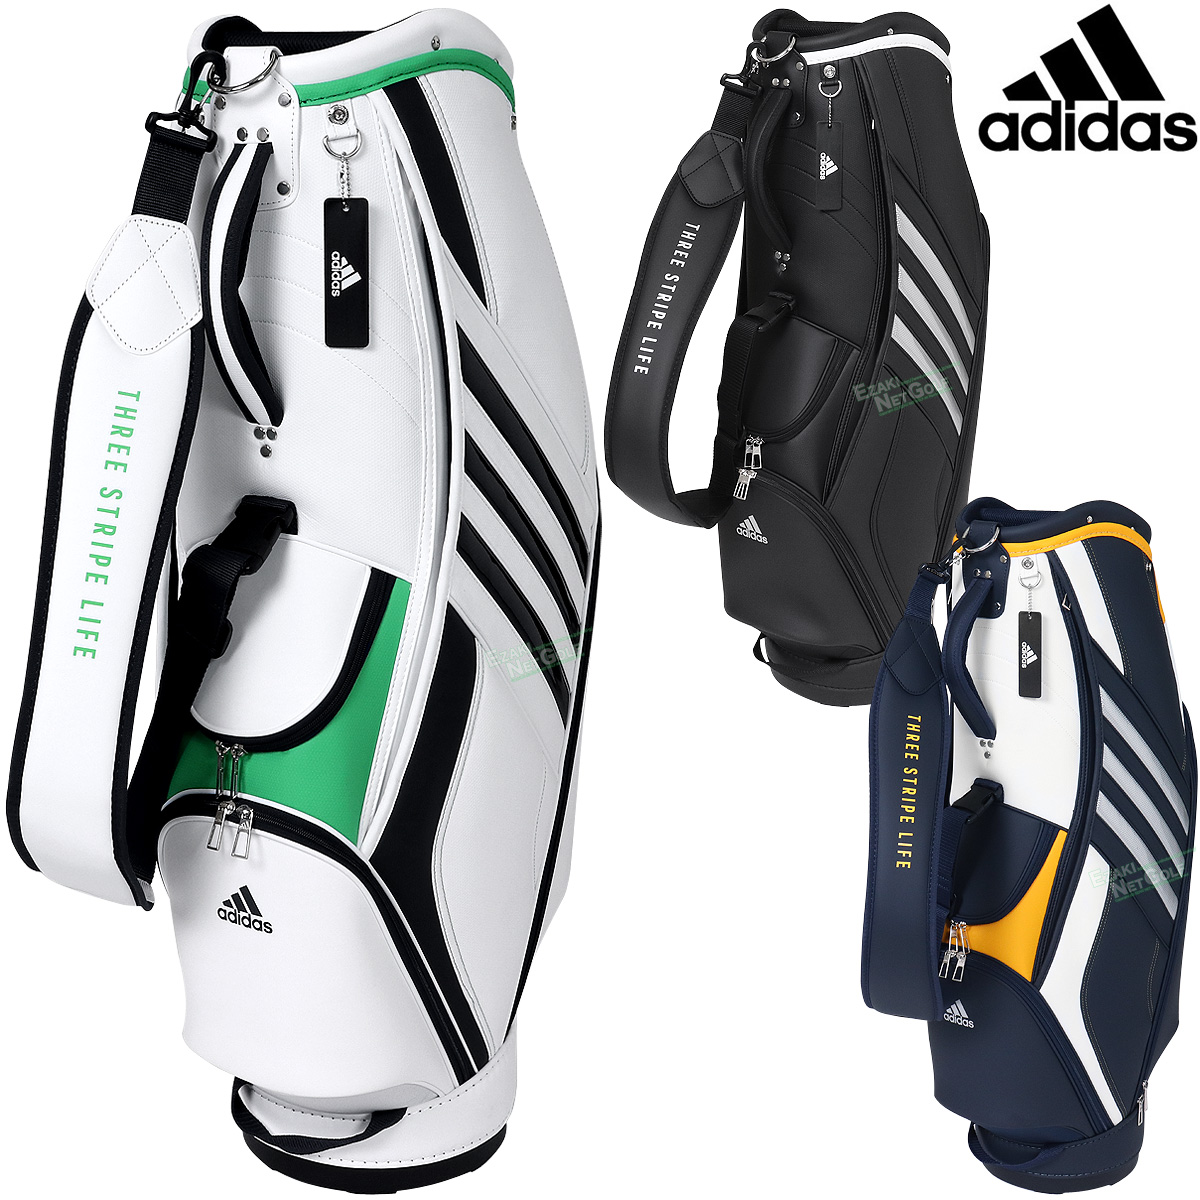 【即納!】 adidas Golf(アディダスゴルフ)日本正規品 軽量 スリーストライプ キャディバッグ 2021新製品 「EMH86」 【あす楽対応】